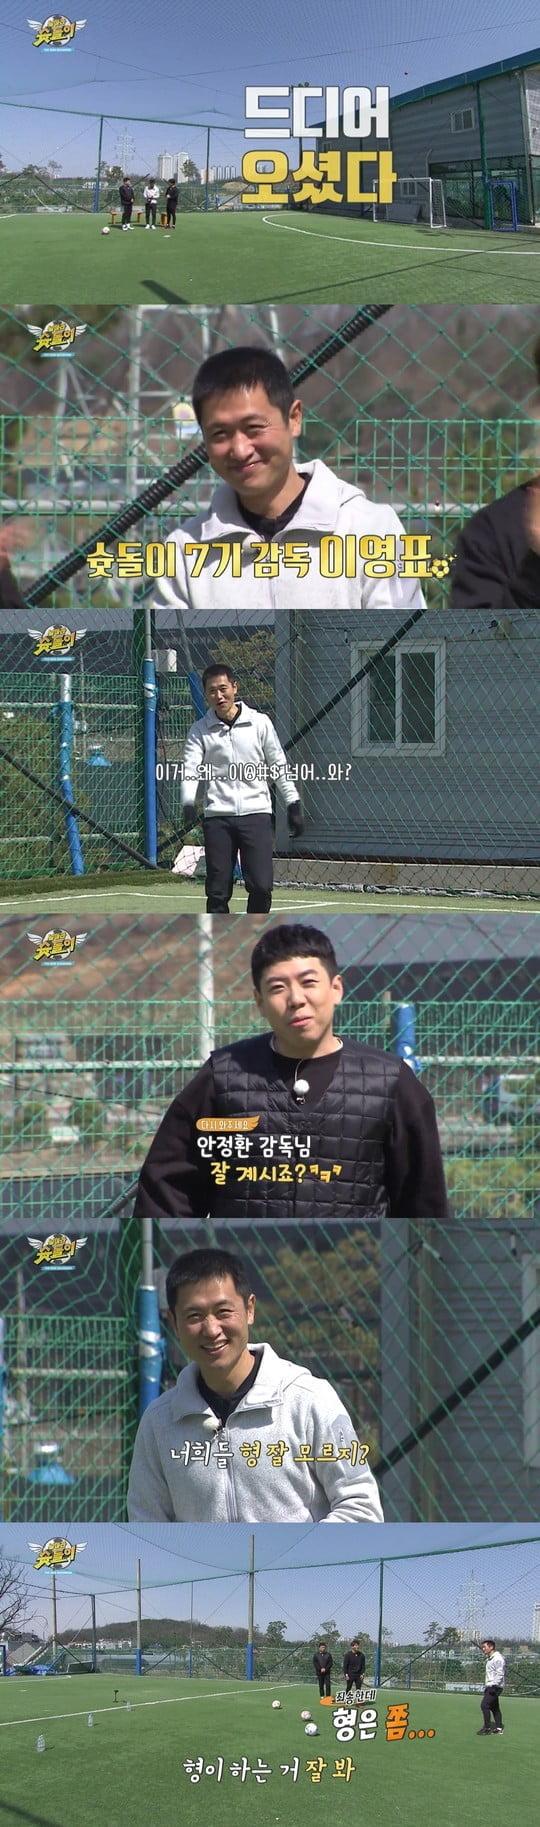 날아라 슛돌이, 축구 레전드 이영표의 굴욕 (사진=KBS 2TV)